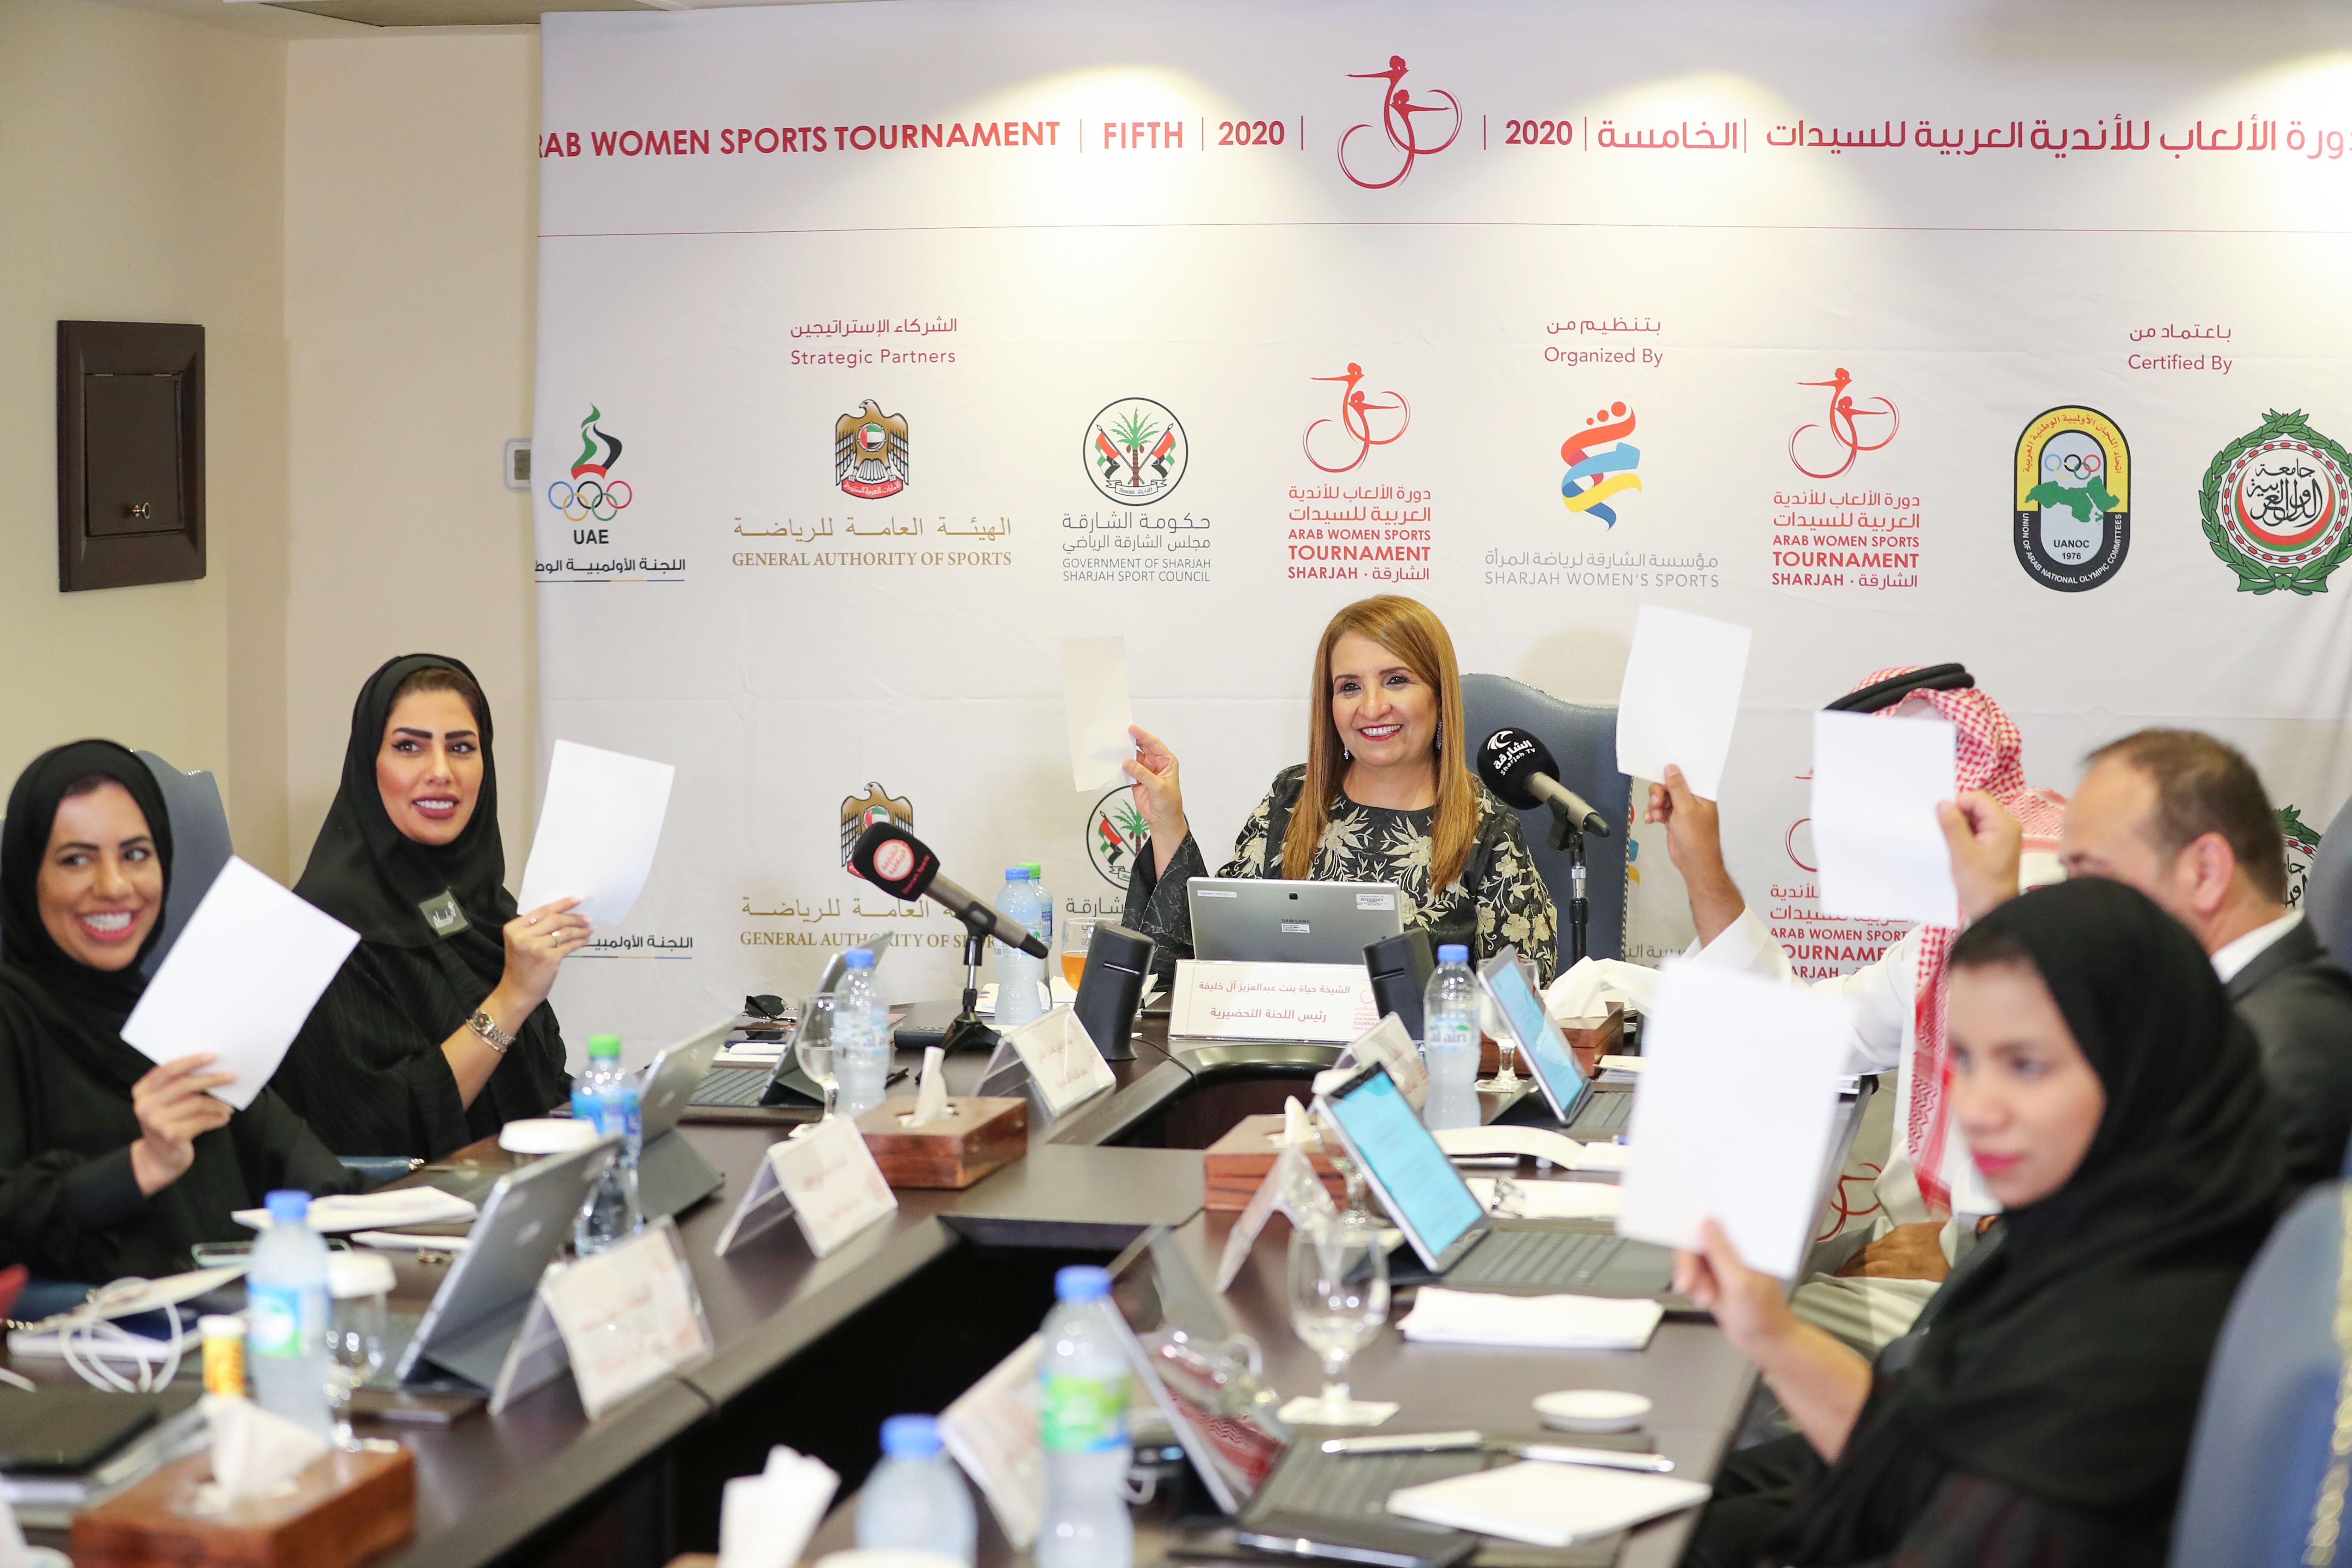 اللجنة المنظمة للبطولة العربية للسيدات